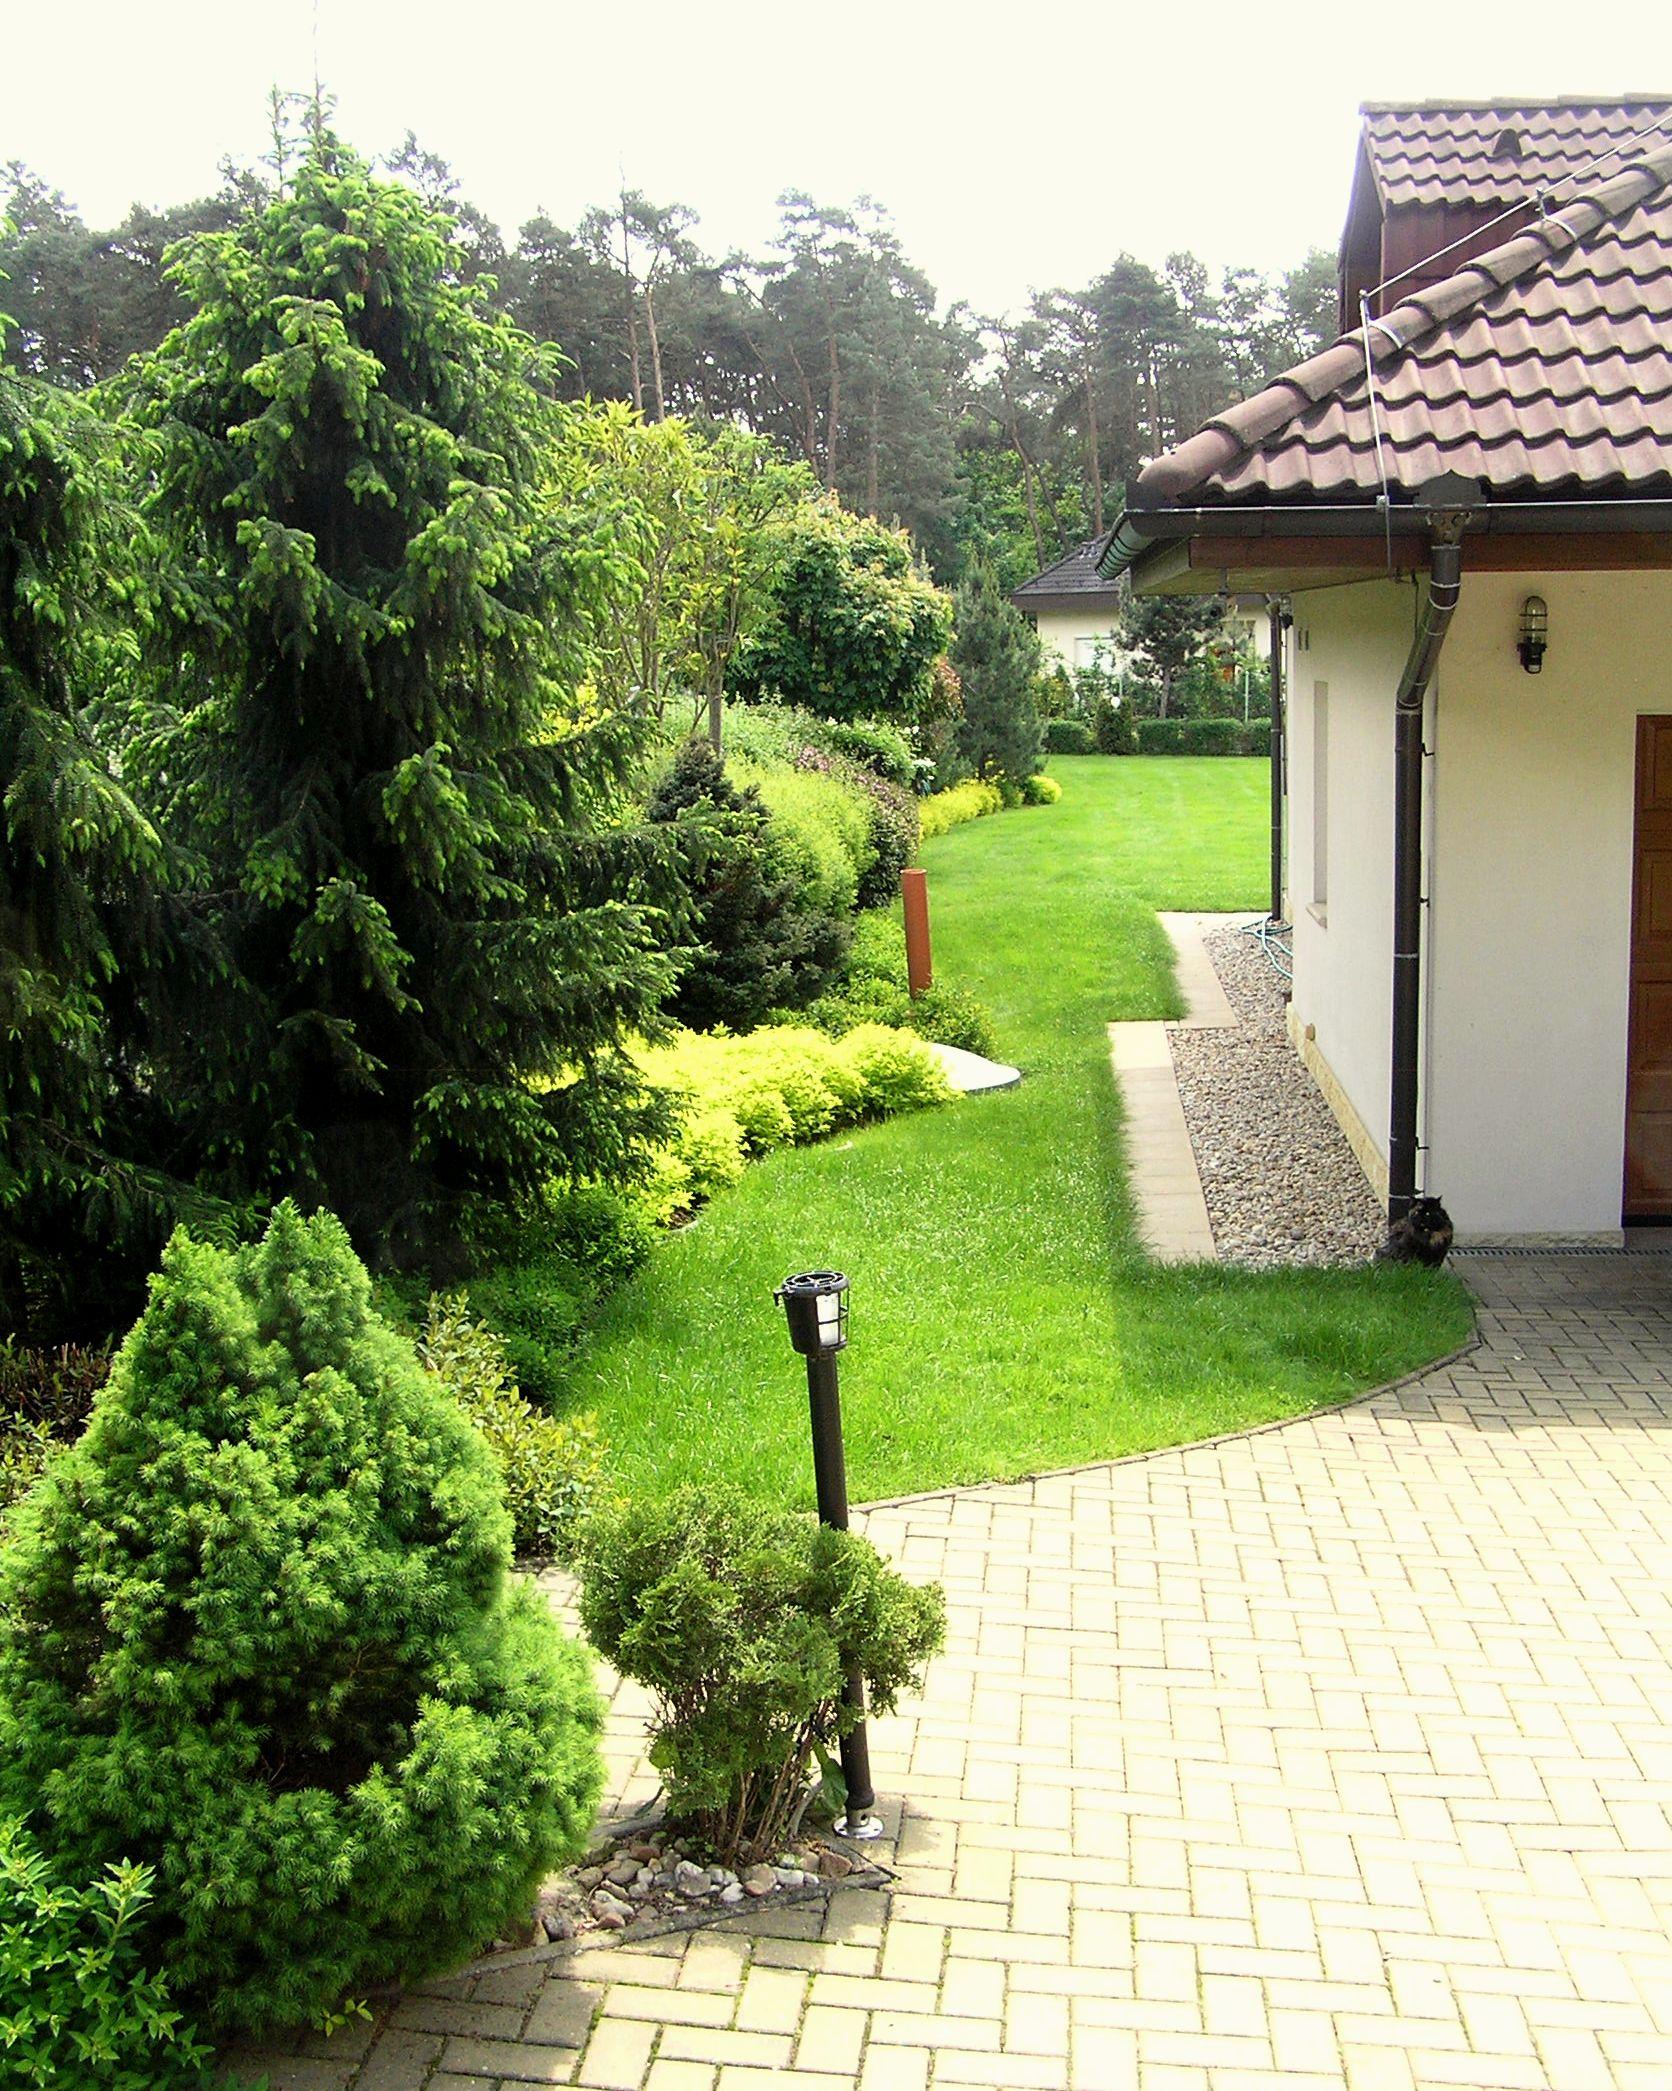 Bydlení v zeleni